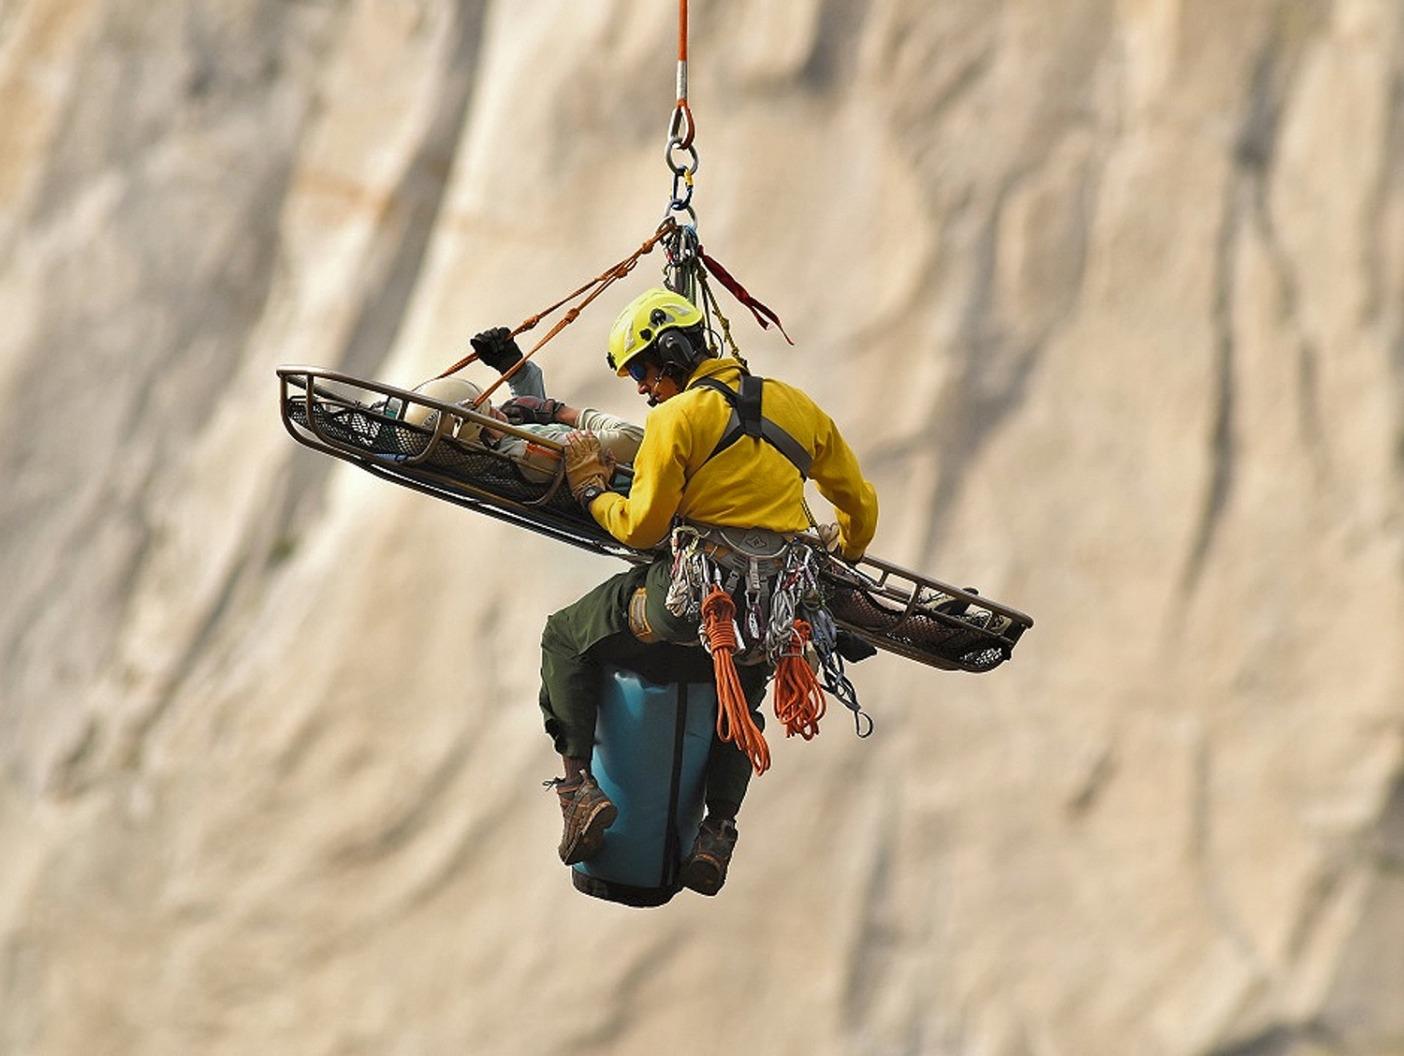 事故の直後、ヨセミテ国立公園 レンジャーのブランドン・レイサムとともにヘリコプターで谷底へと降ろされるクイン。 Photo: Tom Evans